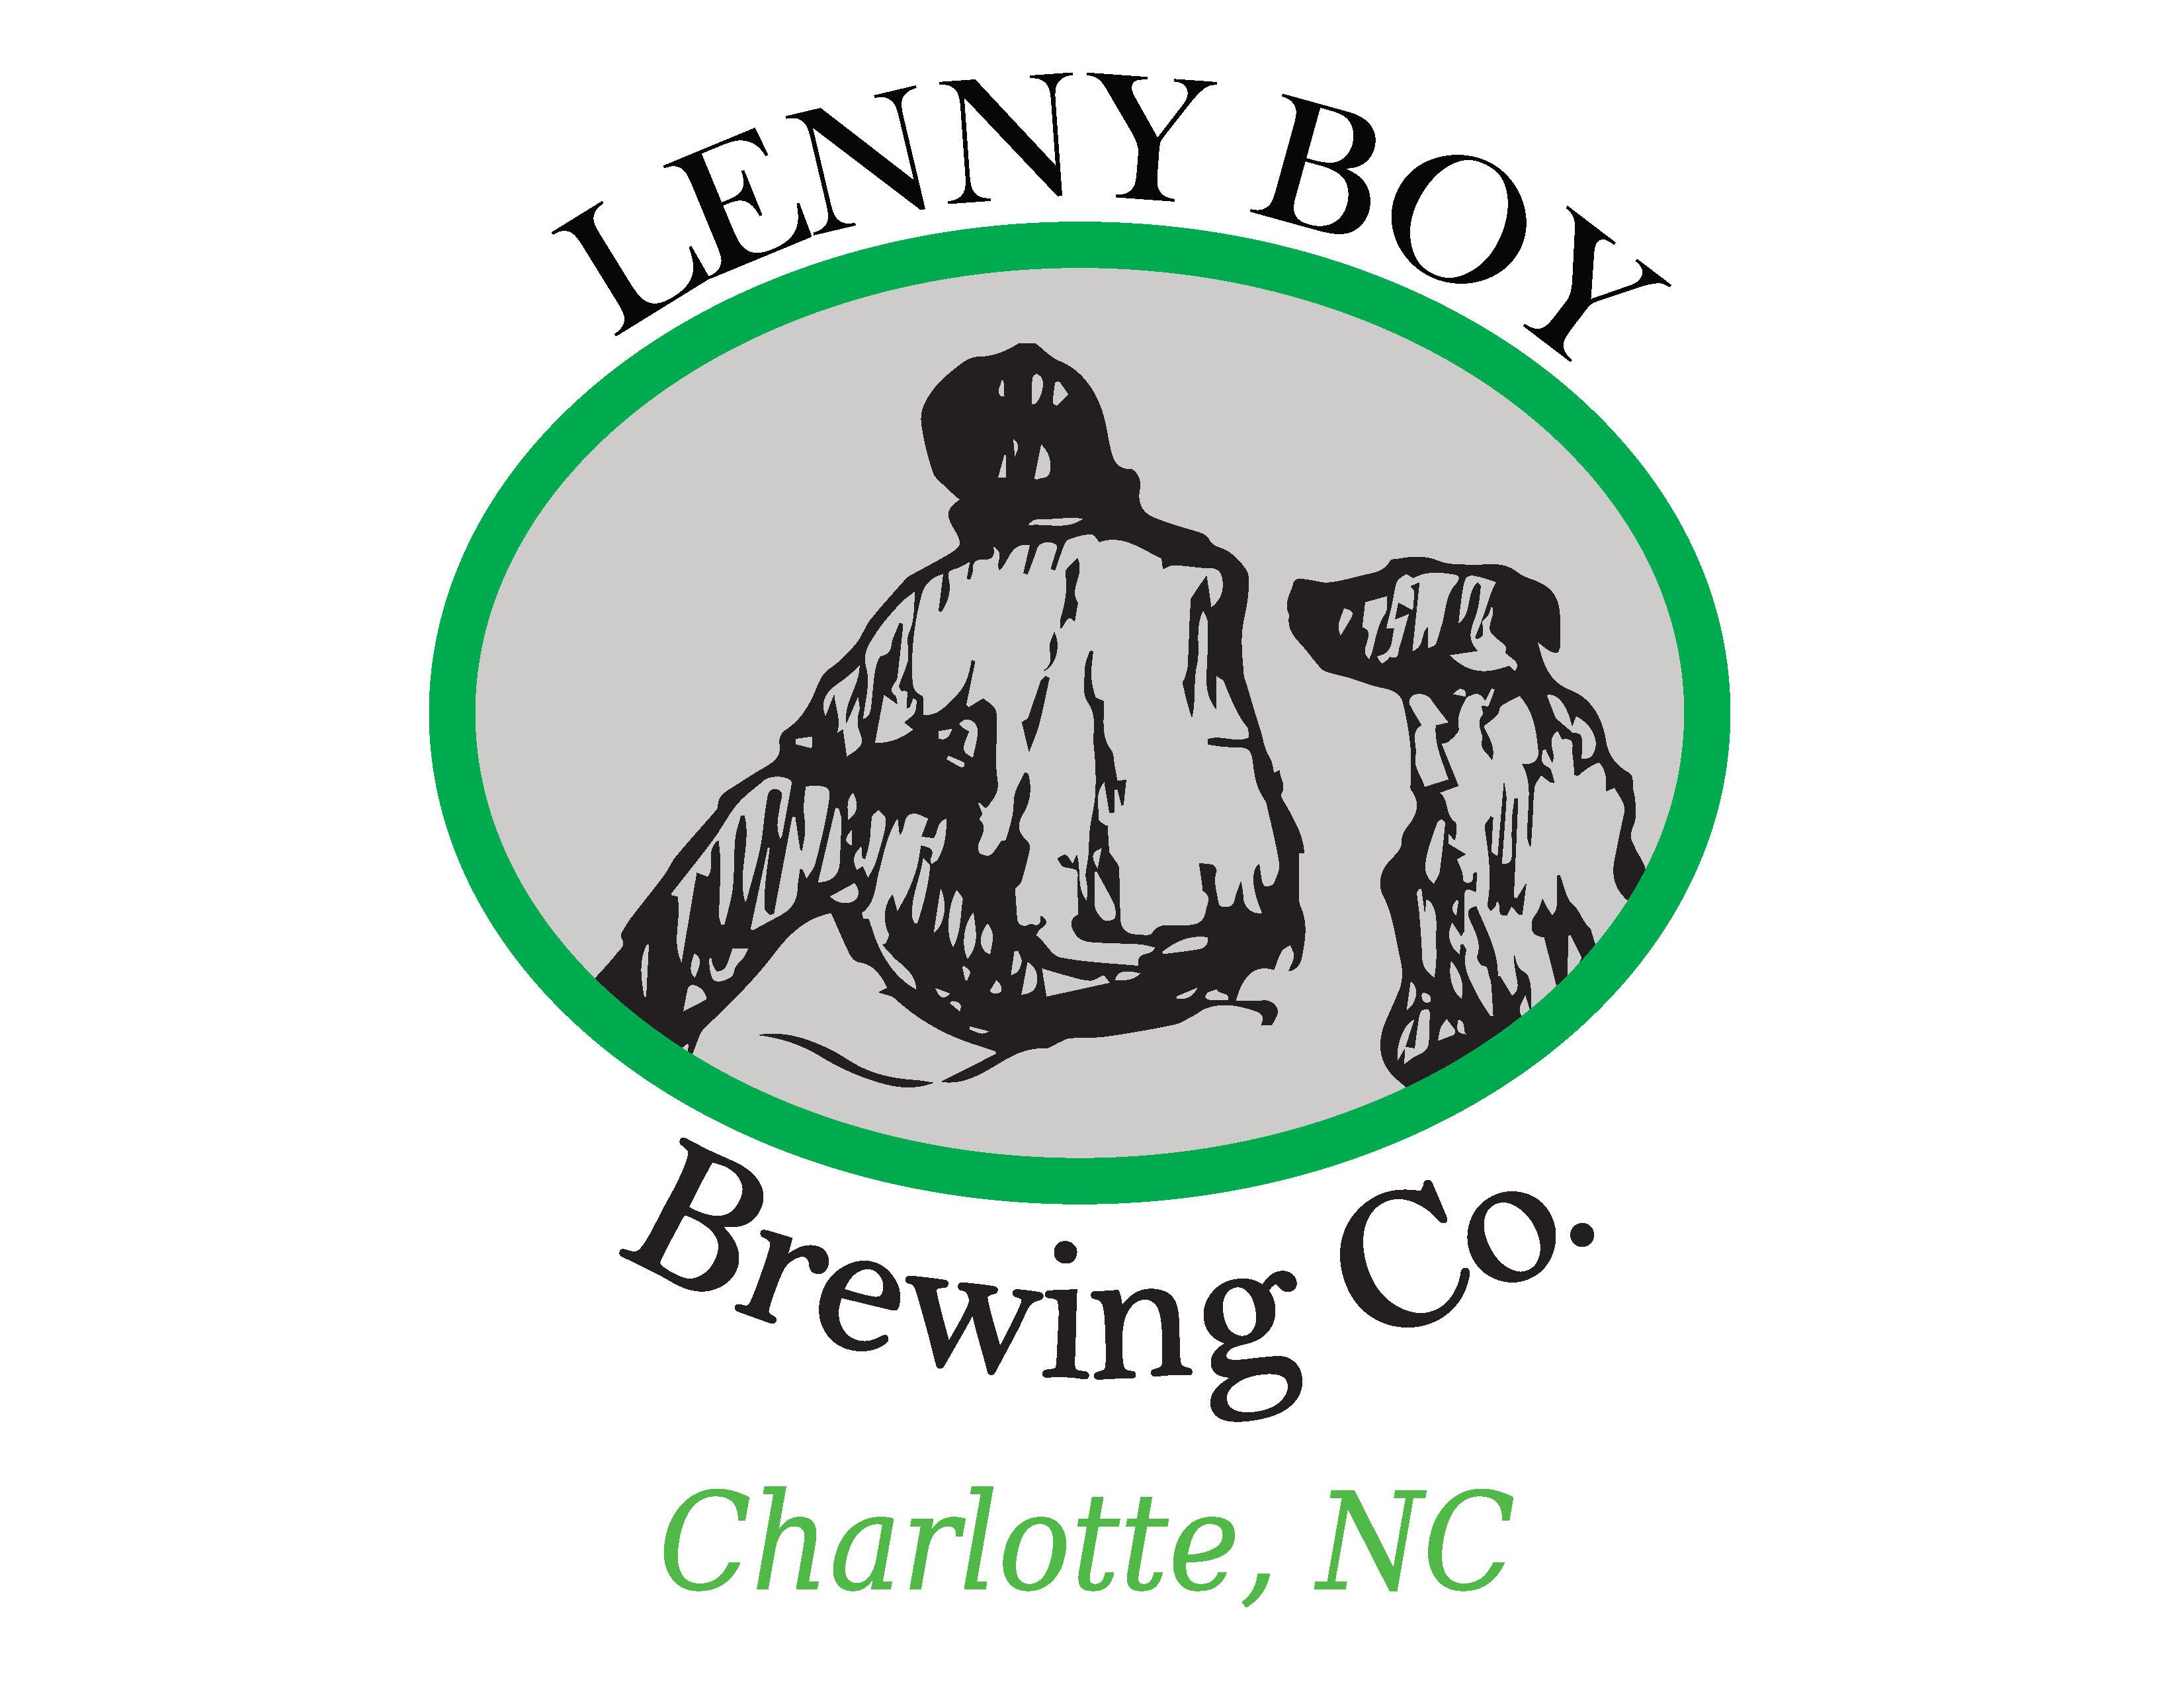 lennyboybrewingco-logo-chlt-rgb.jpg